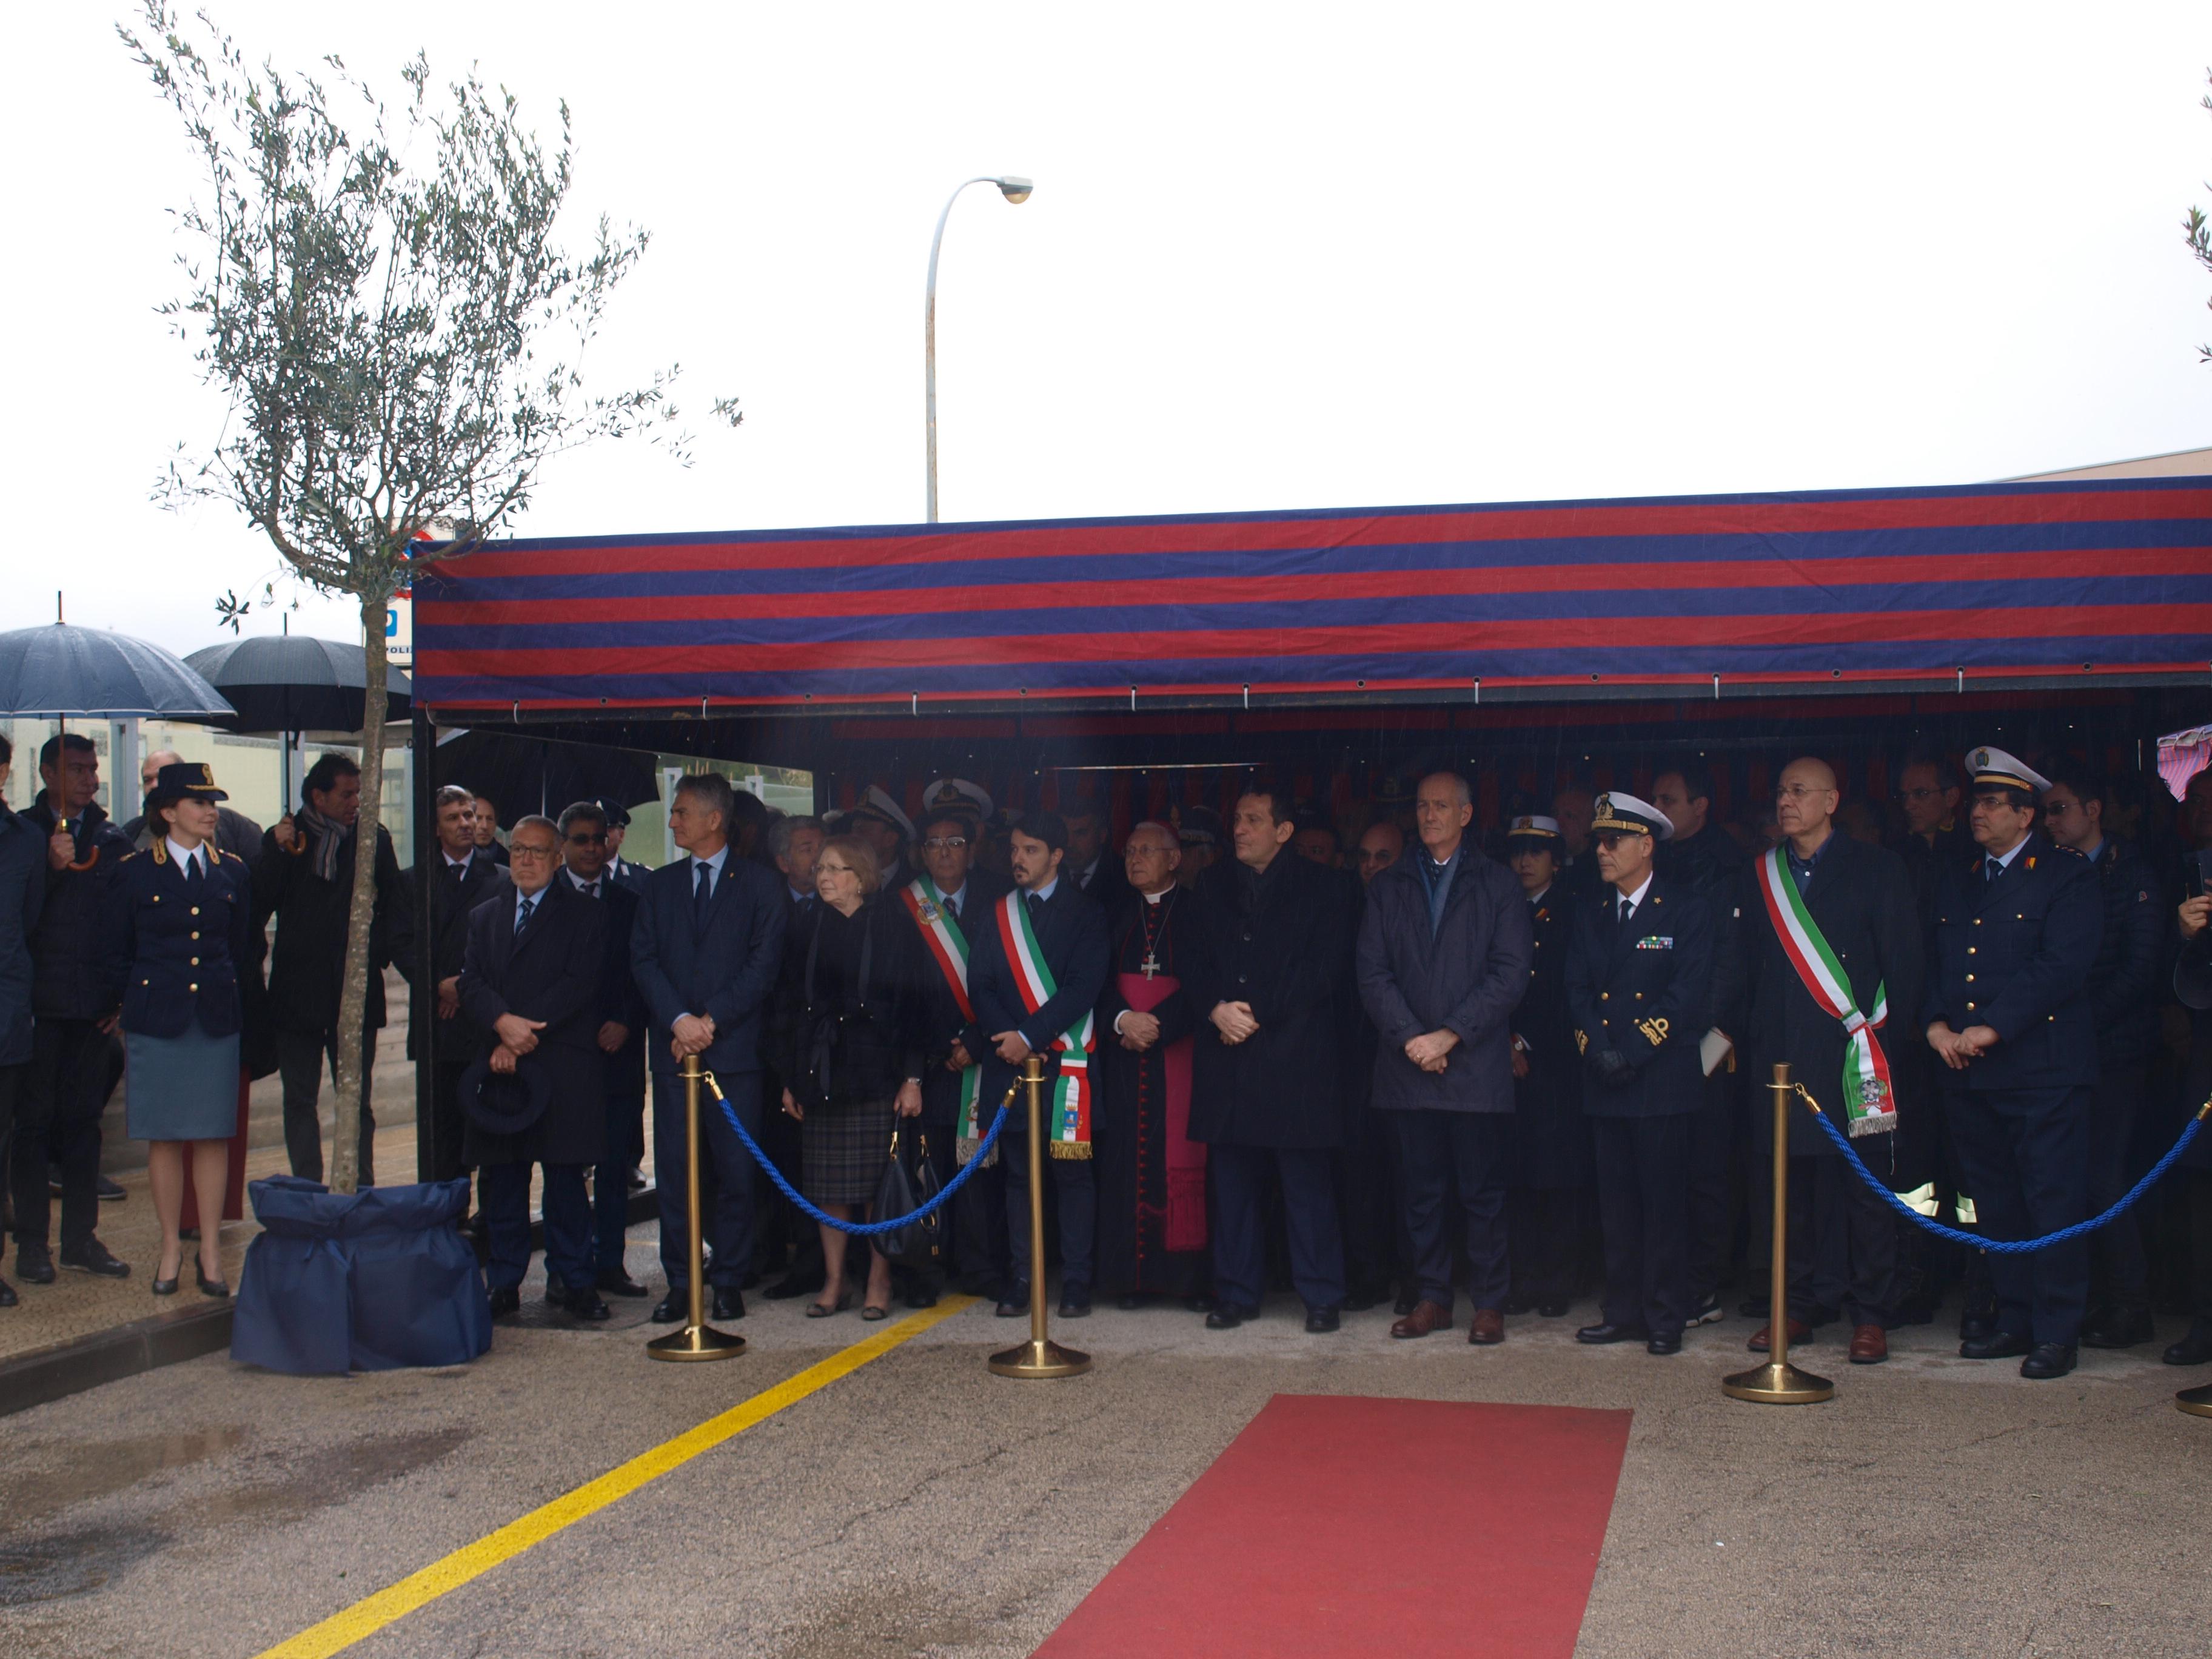 Lentini, Il Capo della Polizia , Prefetto Franco Gabrielli inaugura il commissariato di Pubblica Sicurezza di Lentini